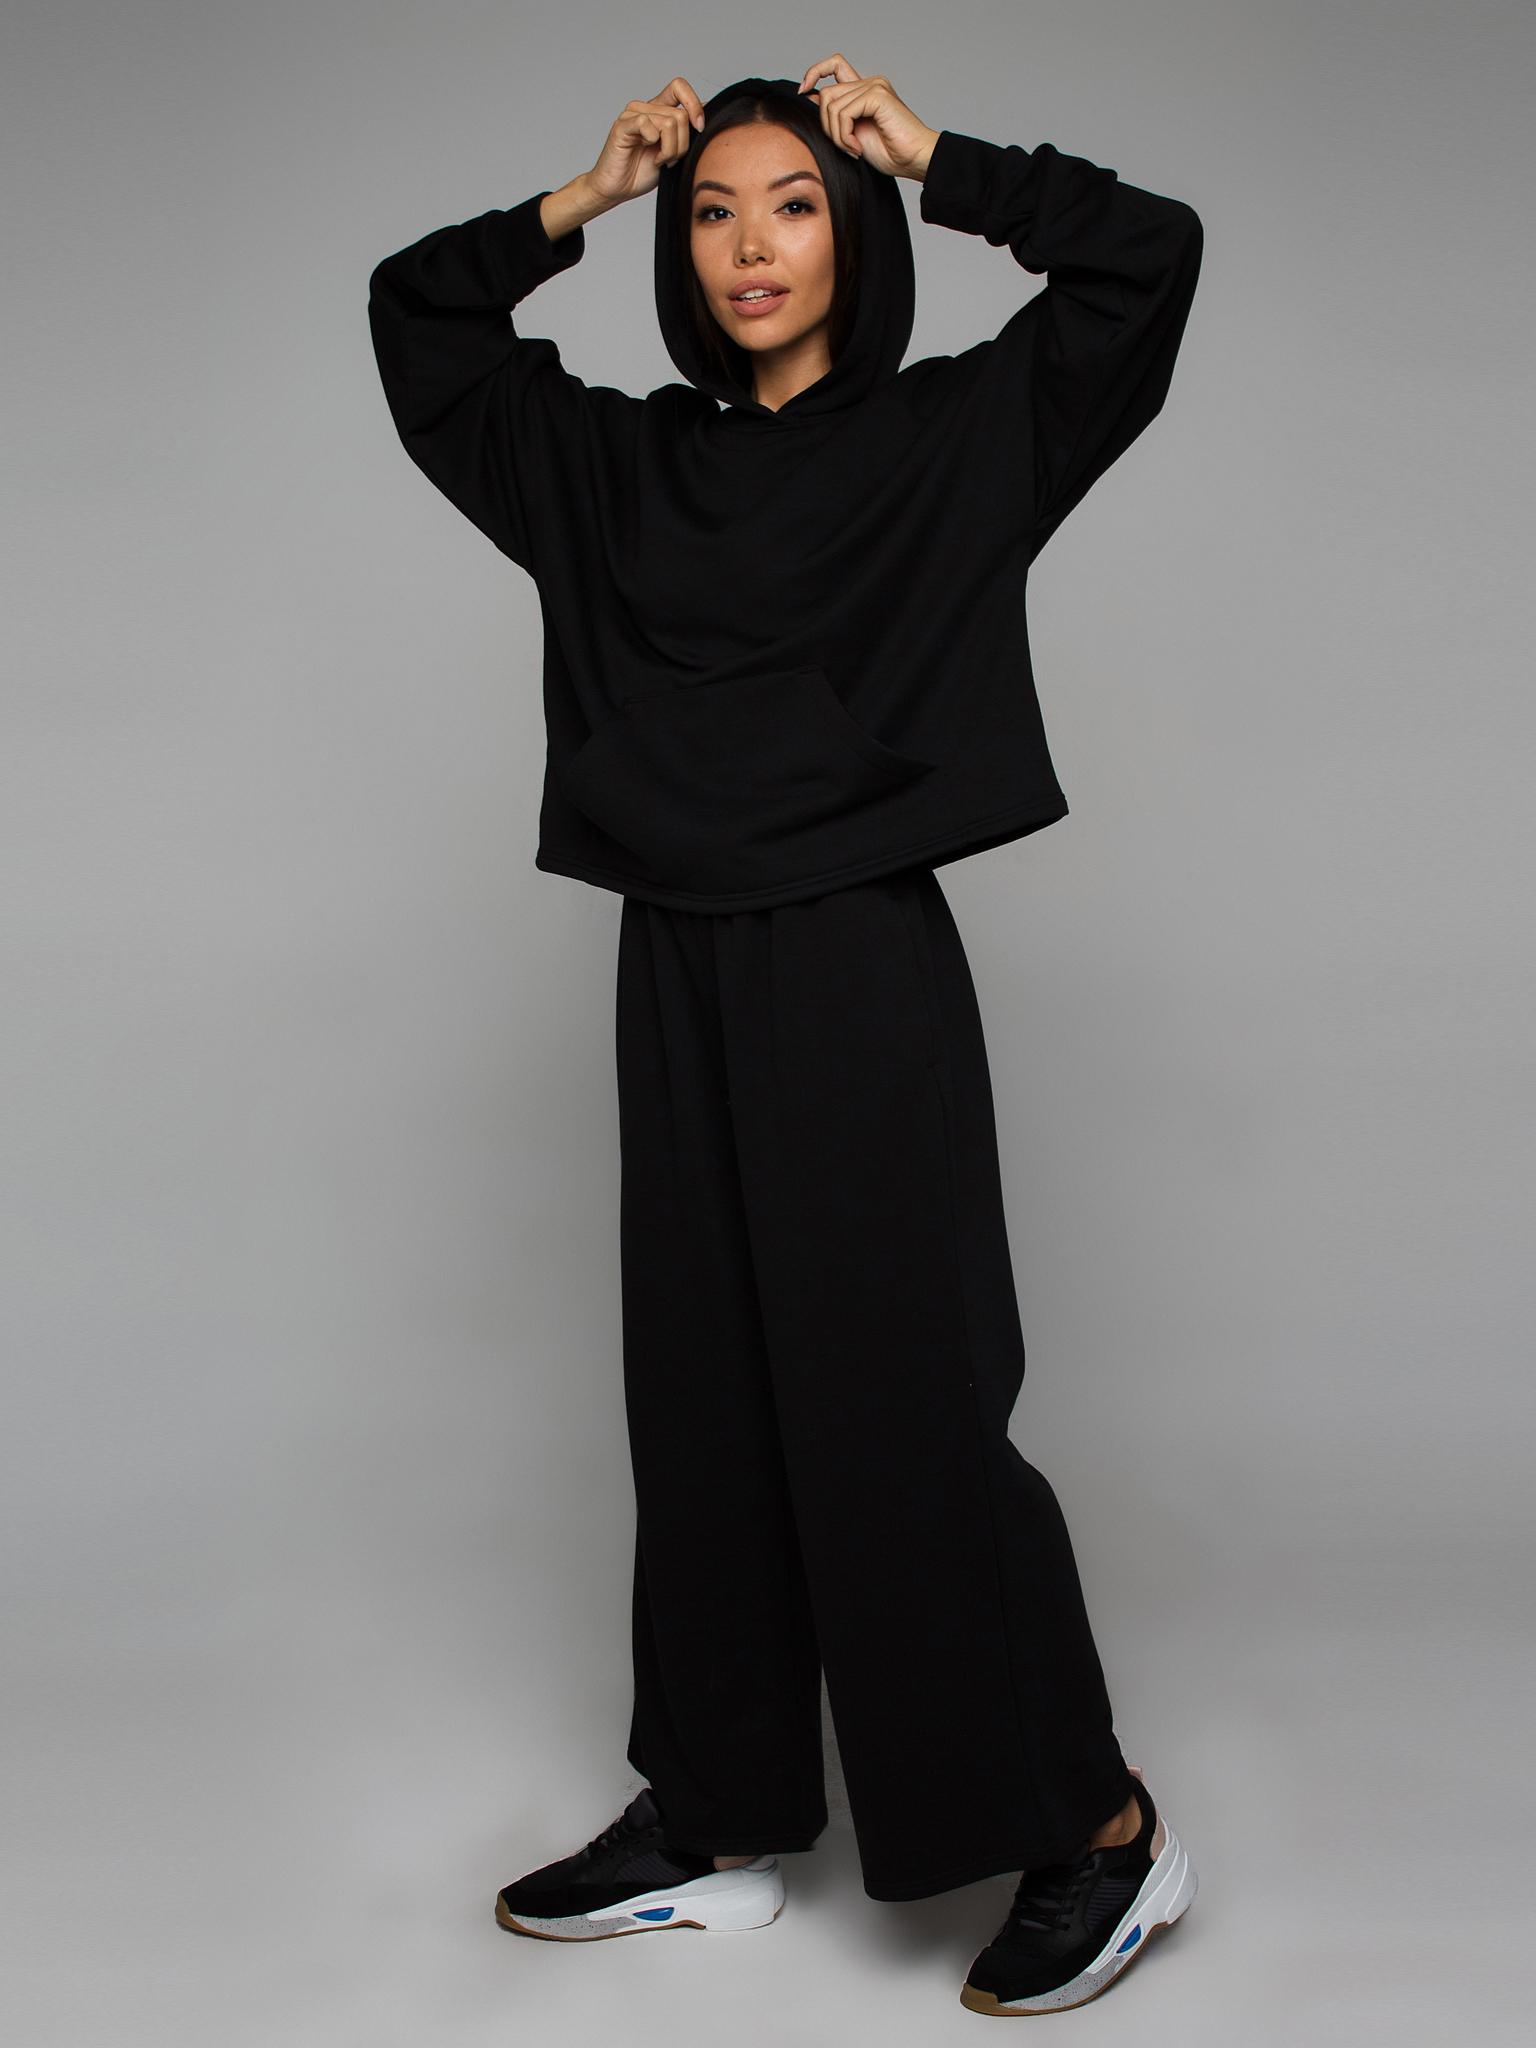 Брюки трикотажные черные YOS от украинского бренда Your Own Style